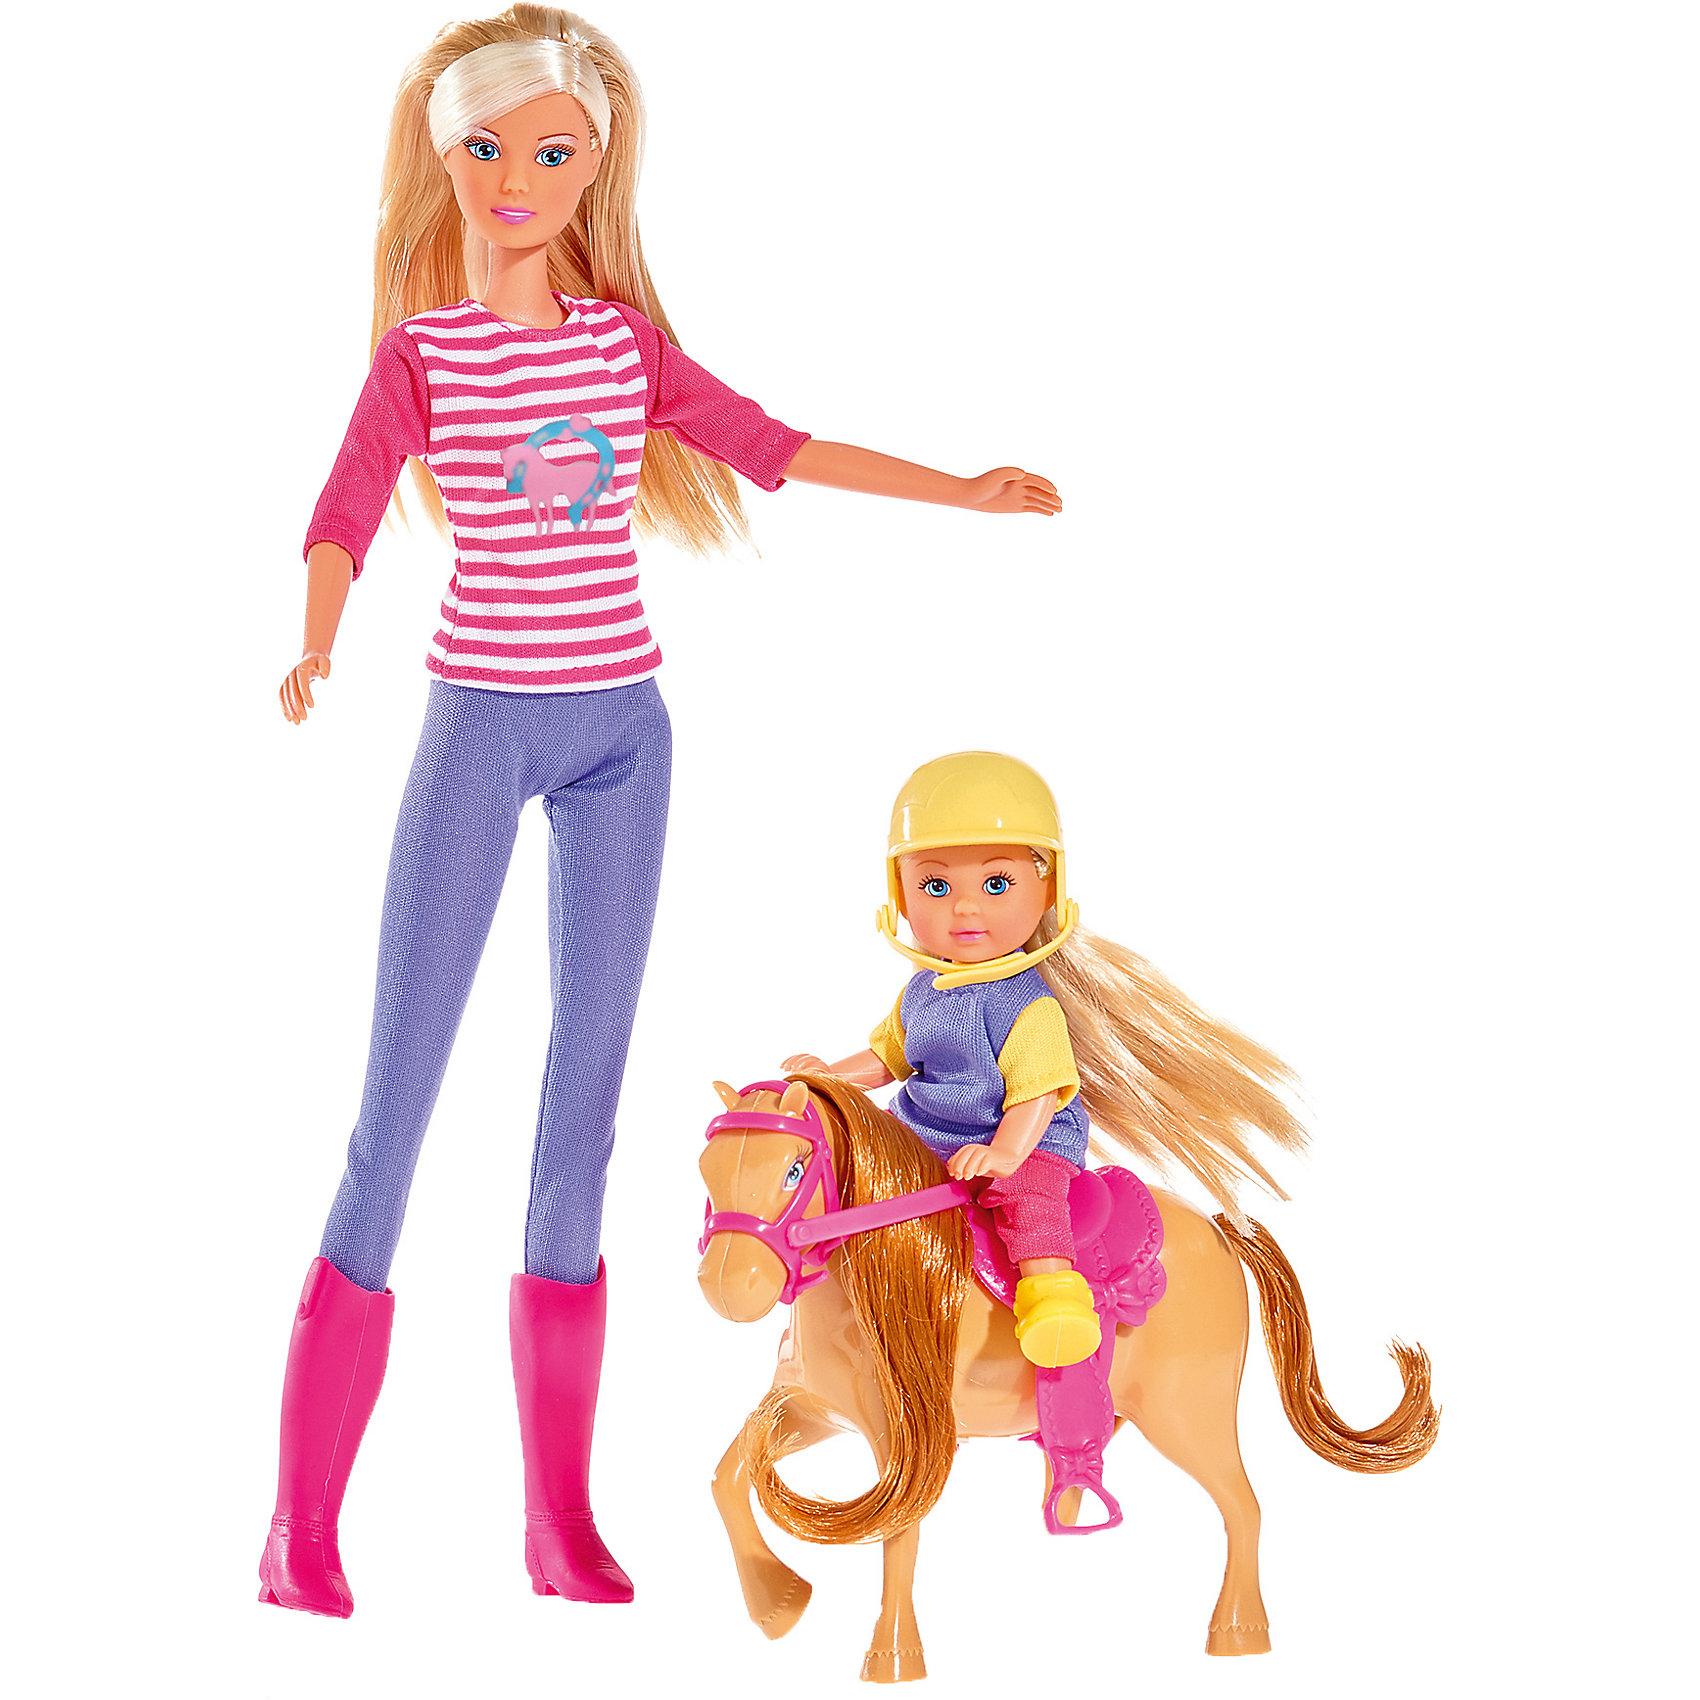 Кукла Штеффи и Еви с пони на ферме, 29 см, SimbaХарактеристики товара:<br><br>- цвет: разноцветный;<br>- материал: пластик, текстиль;<br>- возраст: от трех лет;<br>- комплектация: 2 куклы, одежда, аксесуары;<br>- высота кукок: 29 и 12 см.<br><br>Эта симпатичная кукла Штеффи в компании Еви от известного бренда приводит детей в восторг! Какая девочка сможет отказаться поиграть с куклами, которые дополнены такими симпатичными нарядами и лошадкой?! В набор входят аксессуары для игр с куклами. Игрушка очень качественно выполнена, поэтому она станет замечательным подарком ребенку. <br>Продается набор в красивой удобной упаковке. Игры с куклами помогают девочкам развить важные навыки и отработать модели социального взаимодействия. Изделие произведено из высококачественного материала, безопасного для детей.<br><br>Куклу Штеффи и Еви с пони на ферме, 29 см, от бренда Simba можно купить в нашем интернет-магазине.<br><br>Ширина мм: 60<br>Глубина мм: 325<br>Высота мм: 180<br>Вес г: 360<br>Возраст от месяцев: 36<br>Возраст до месяцев: 120<br>Пол: Женский<br>Возраст: Детский<br>SKU: 5119530